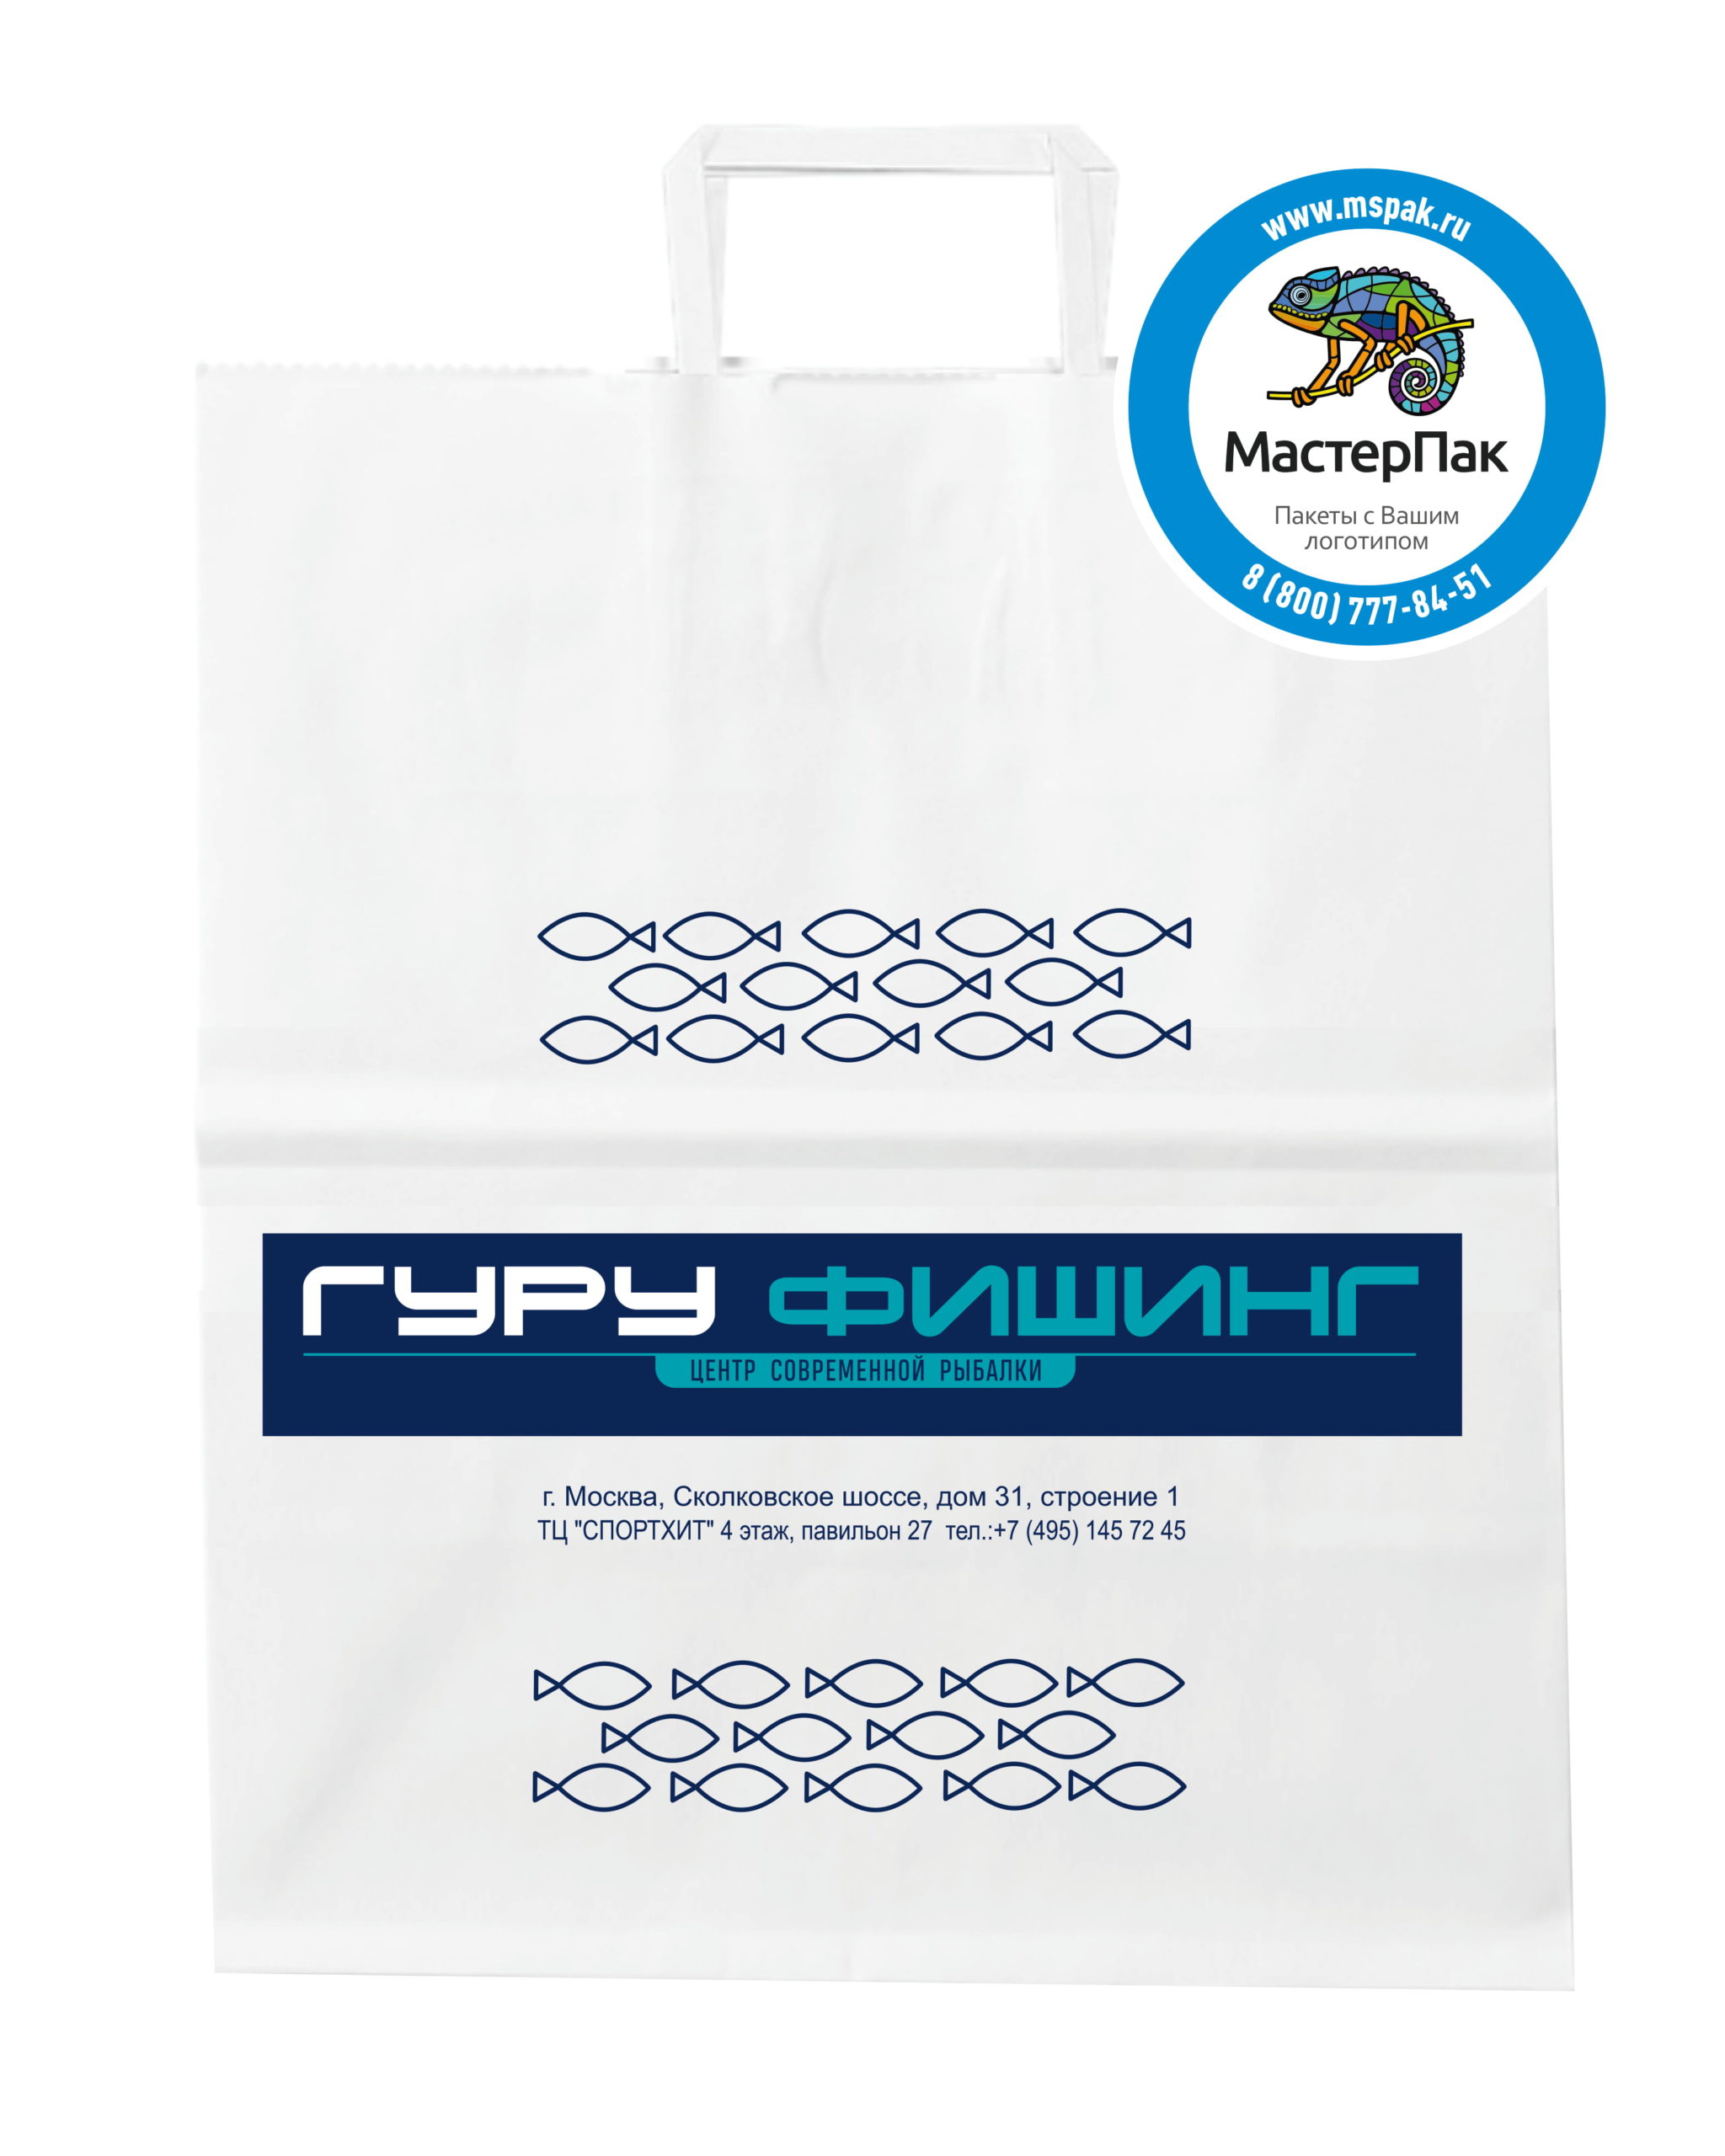 Пакет крафт, белый с логотипом Гуру Фишинг, Центр современной рыбалки, Москва